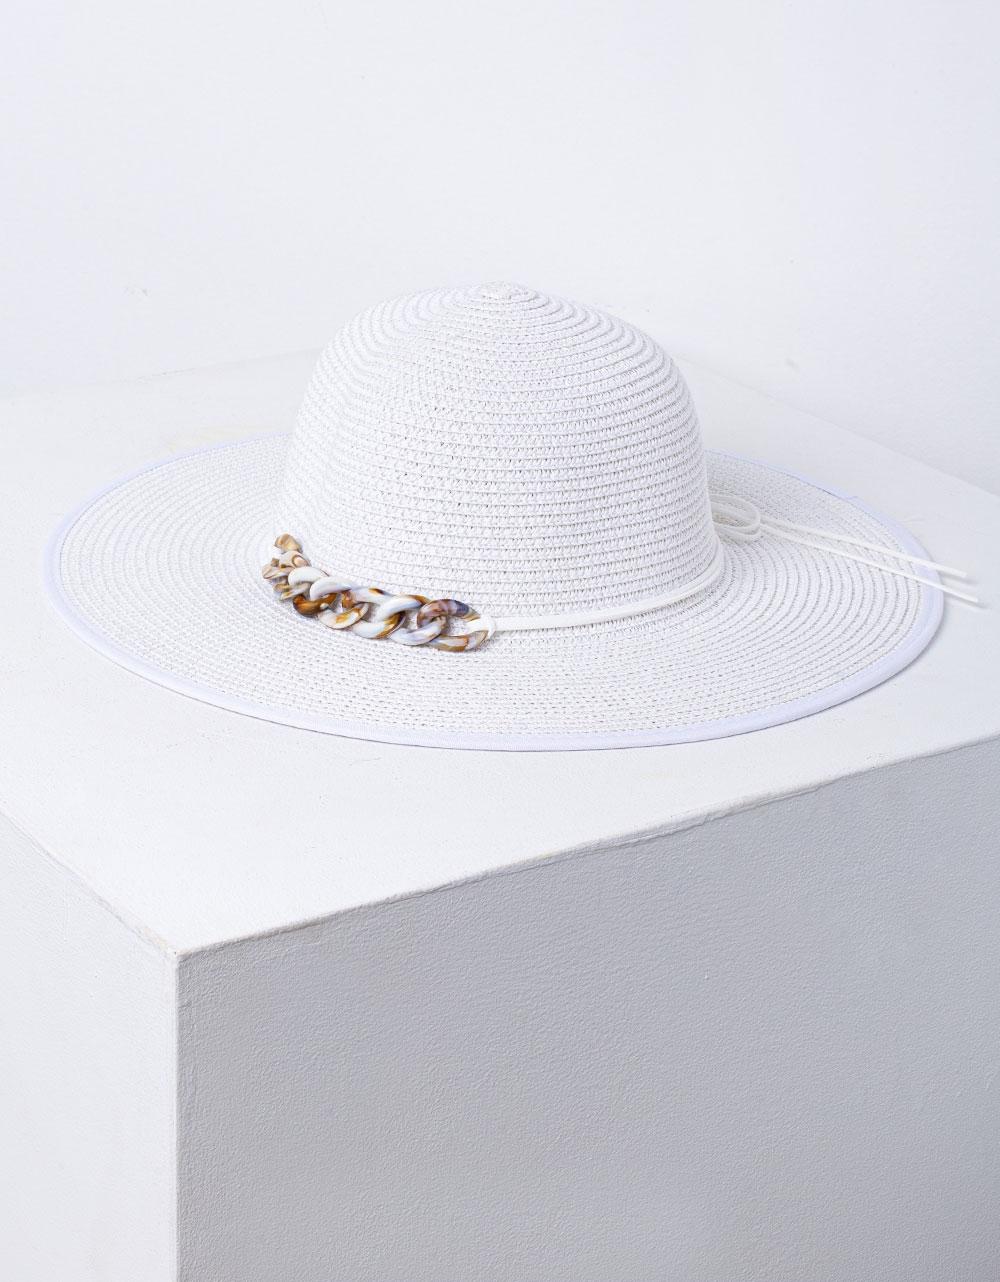 Εικόνα από Γυναικείο καπέλο ψάθινο με μεταλλική λεπτομέρεια Λευκό